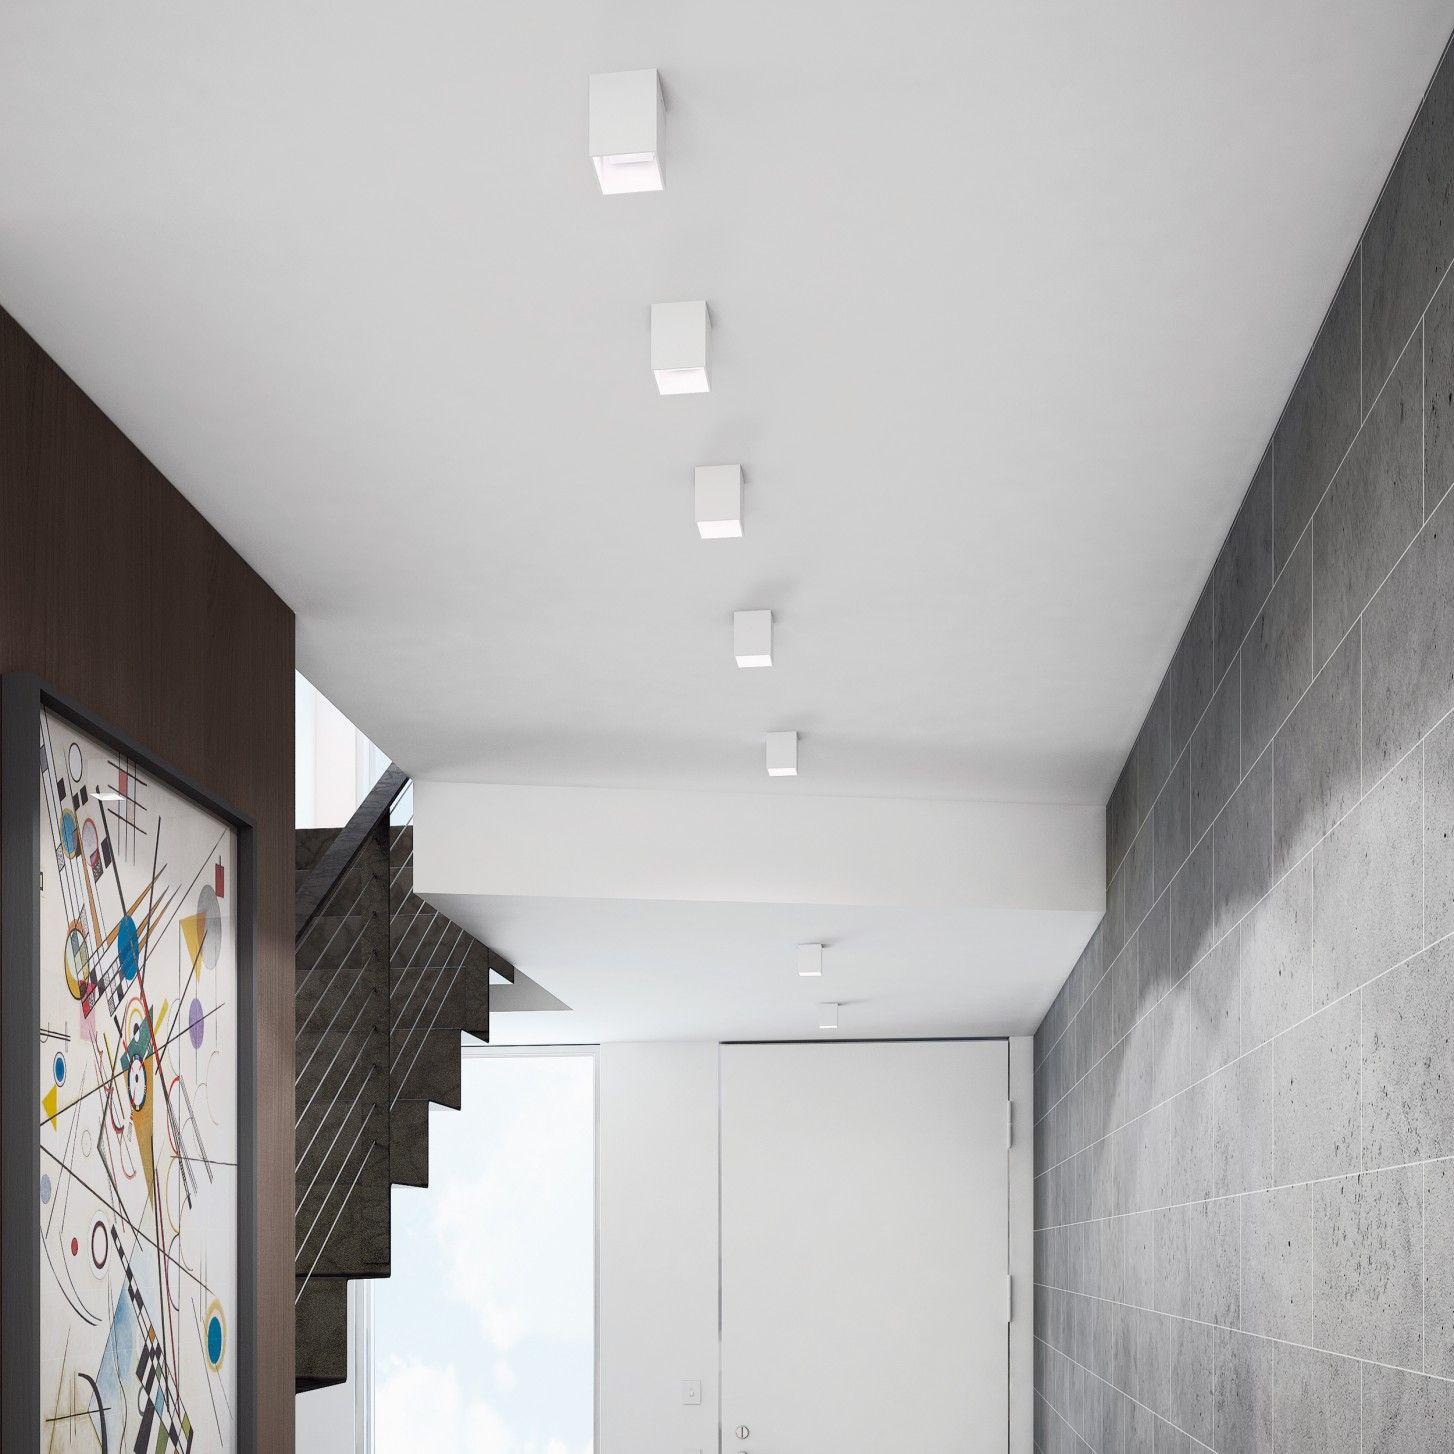 dau spot mini led deckenleuchte bei ikarus design licht pinterest led deckenleuchte. Black Bedroom Furniture Sets. Home Design Ideas